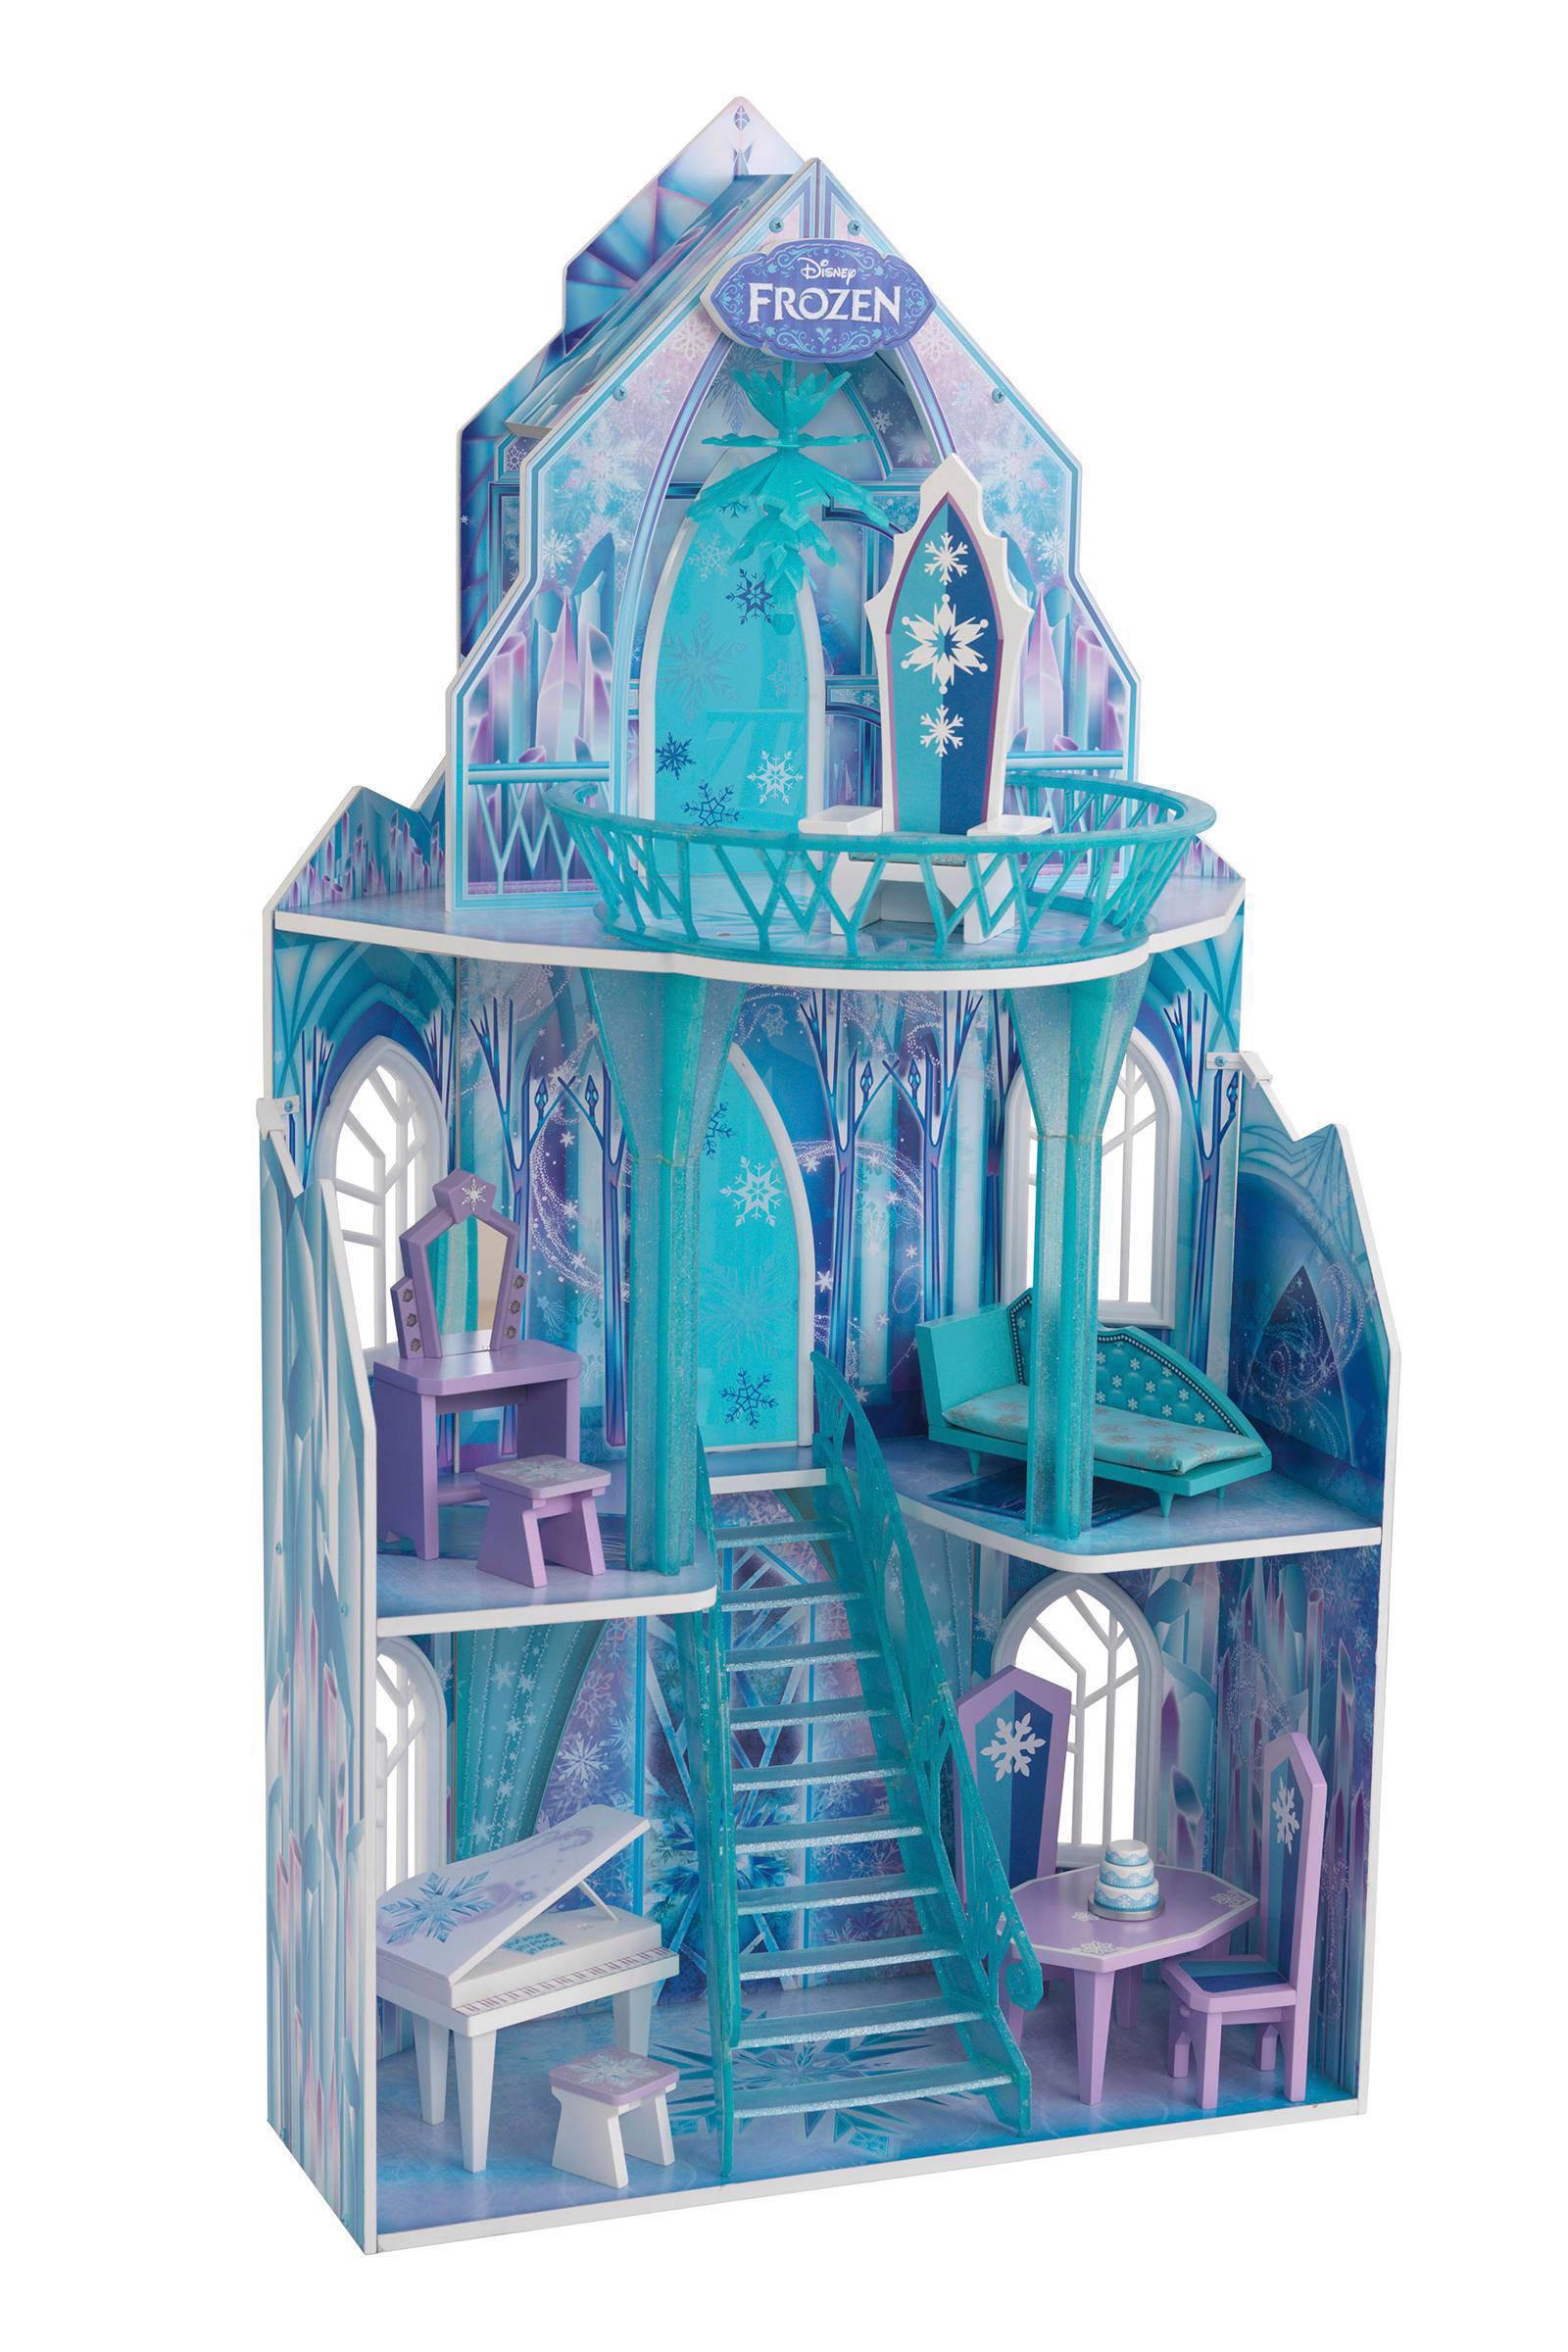 Verrassend KidKraft Disney Frozen houten ijskasteel | wehkamp WC-95